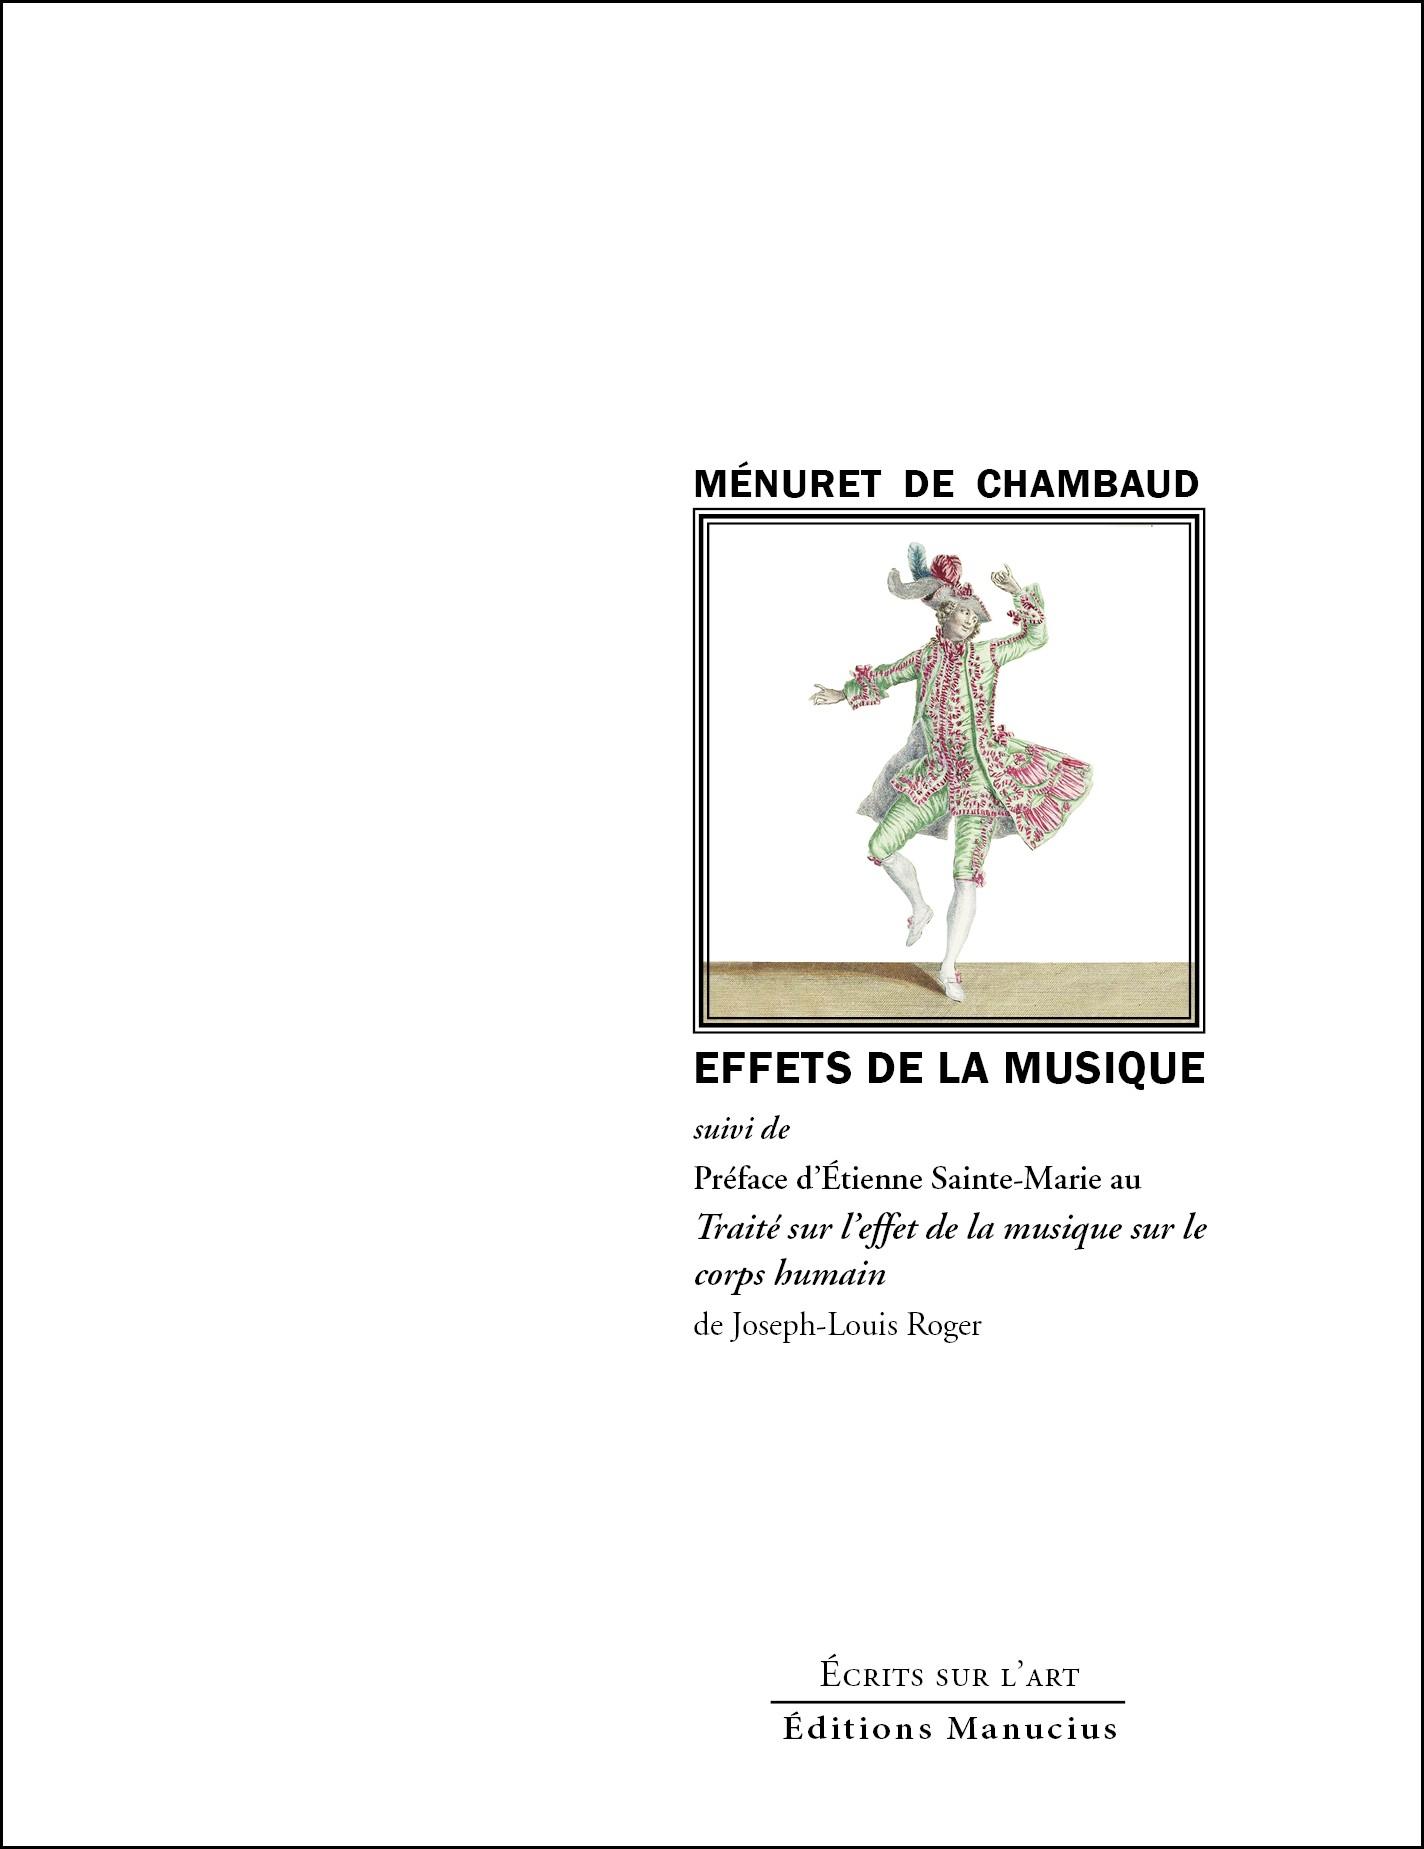 J.-J. Ménuret de Chambaud et É. Sainte-Marie, Effets de la musique (éd. P. Sarrasin Robichaud)